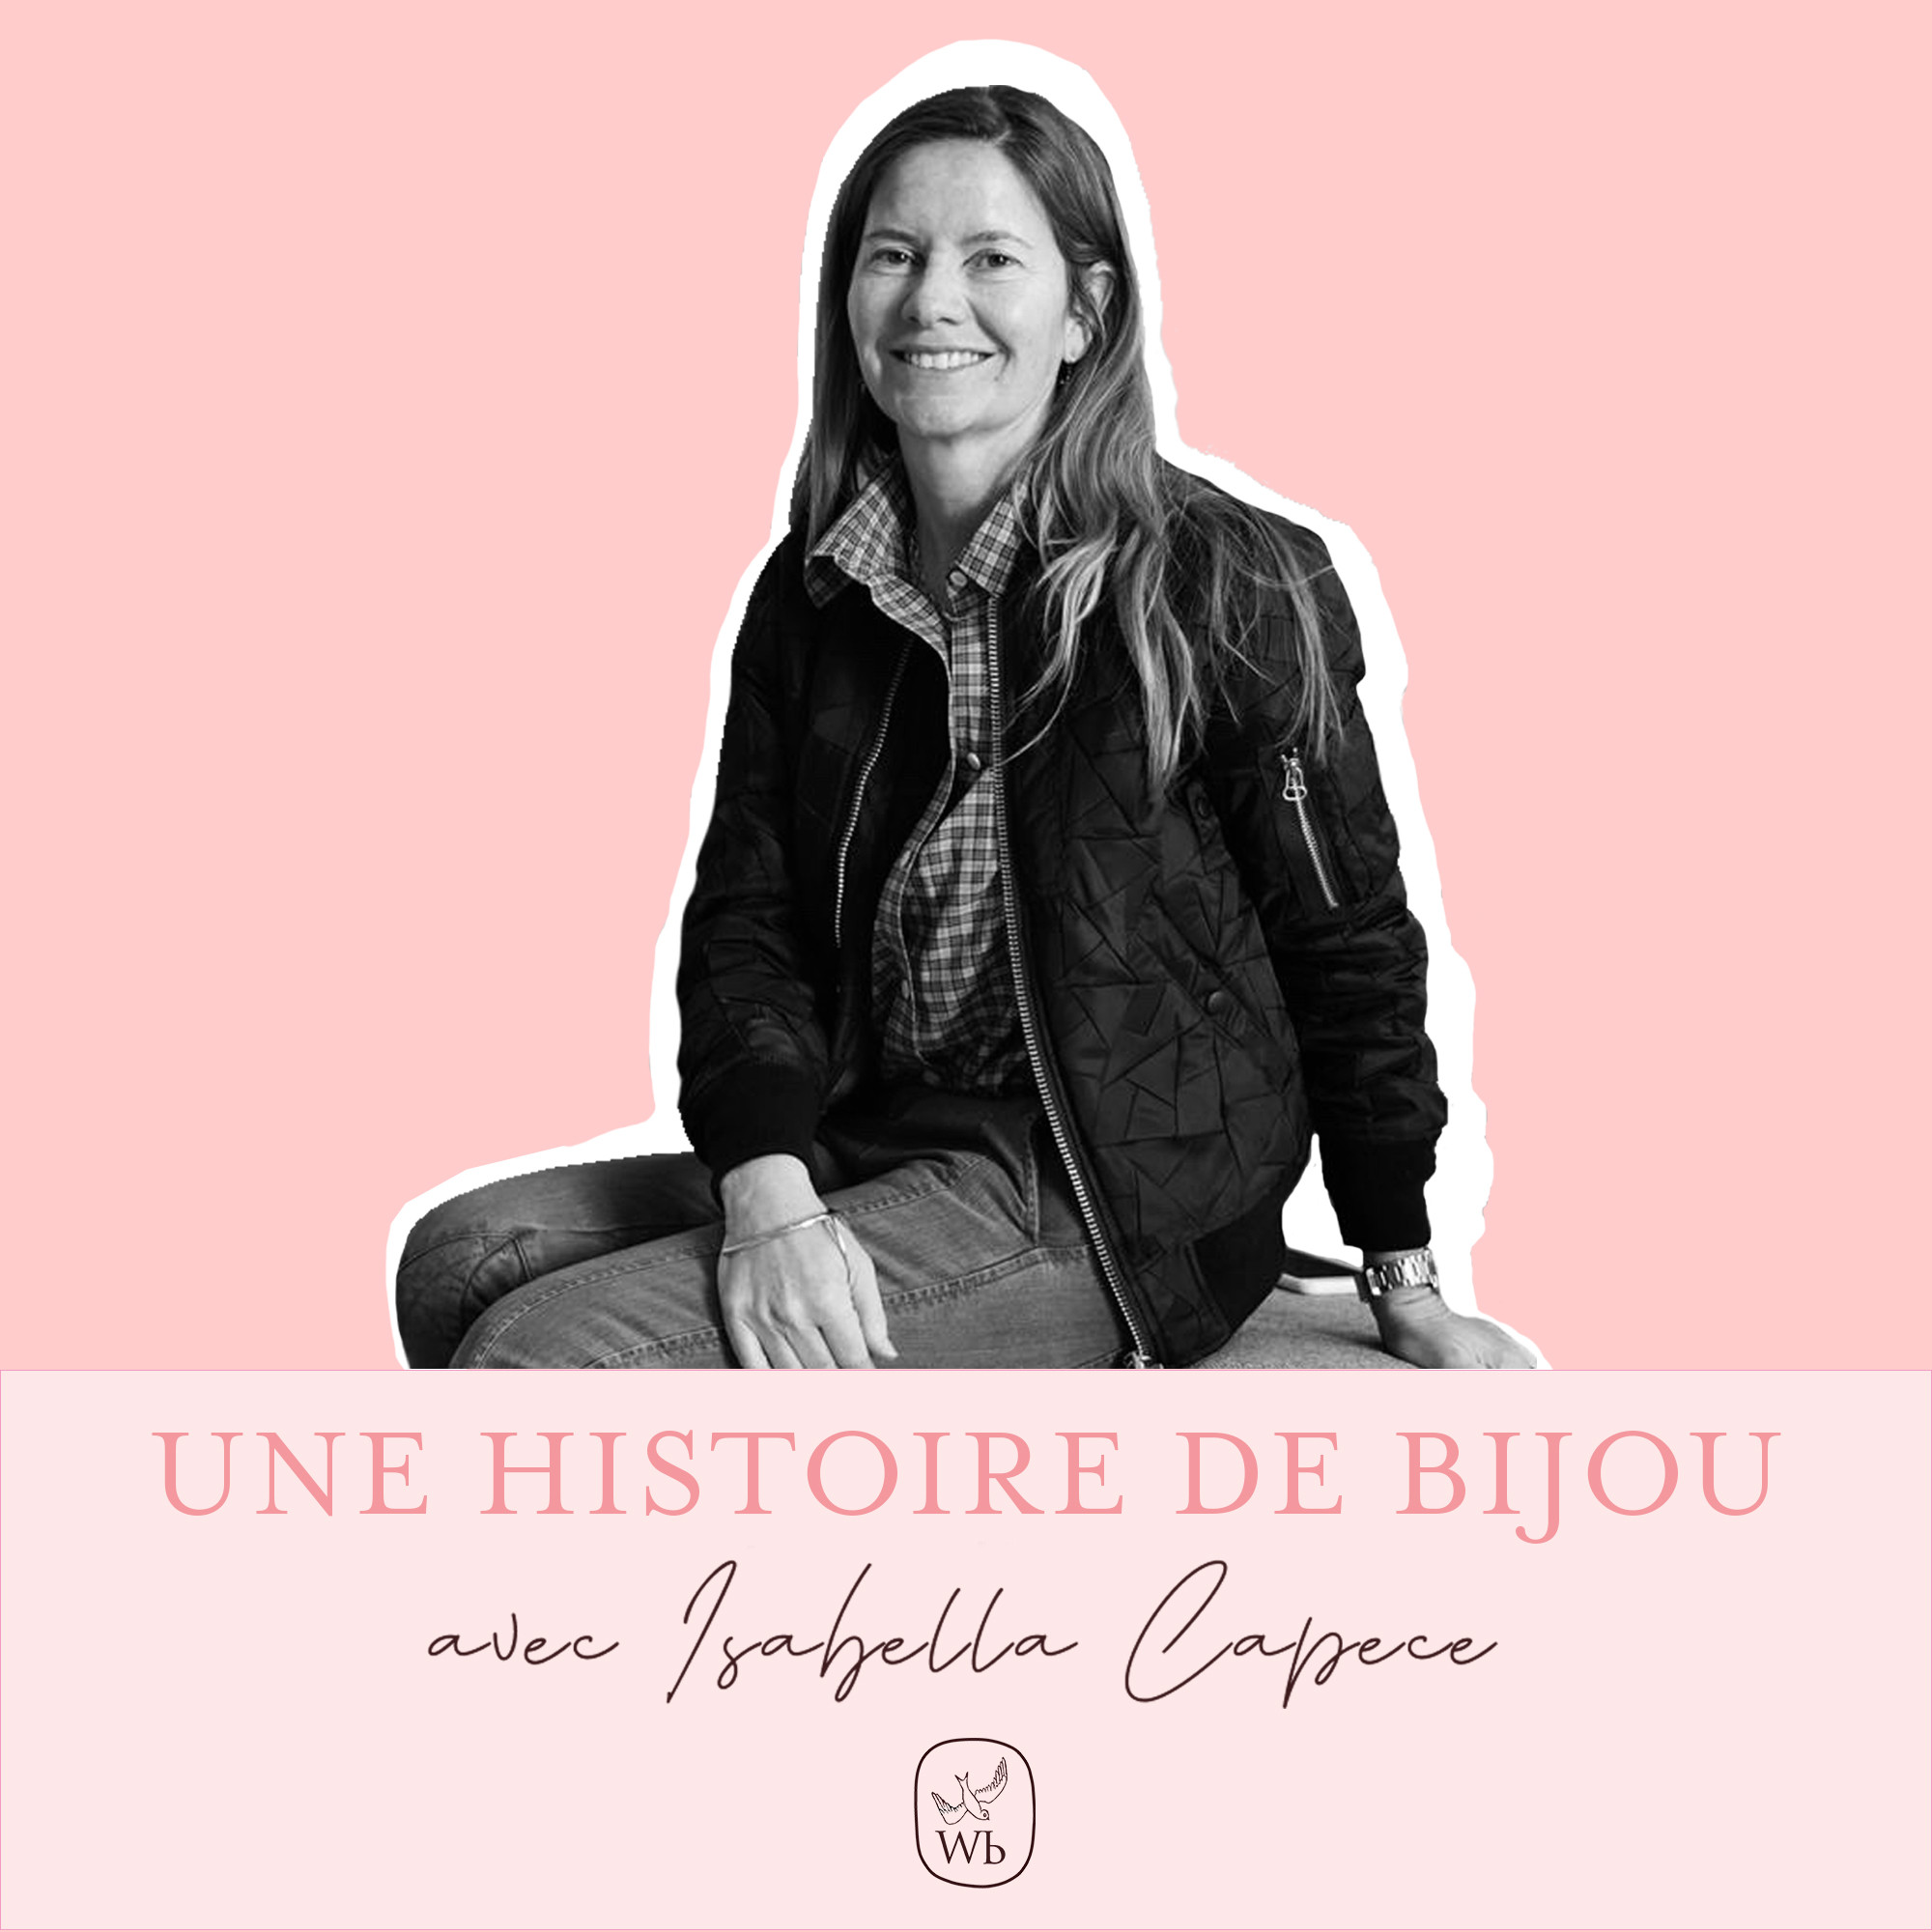 L'histoire de bijou d'Isabella Capece